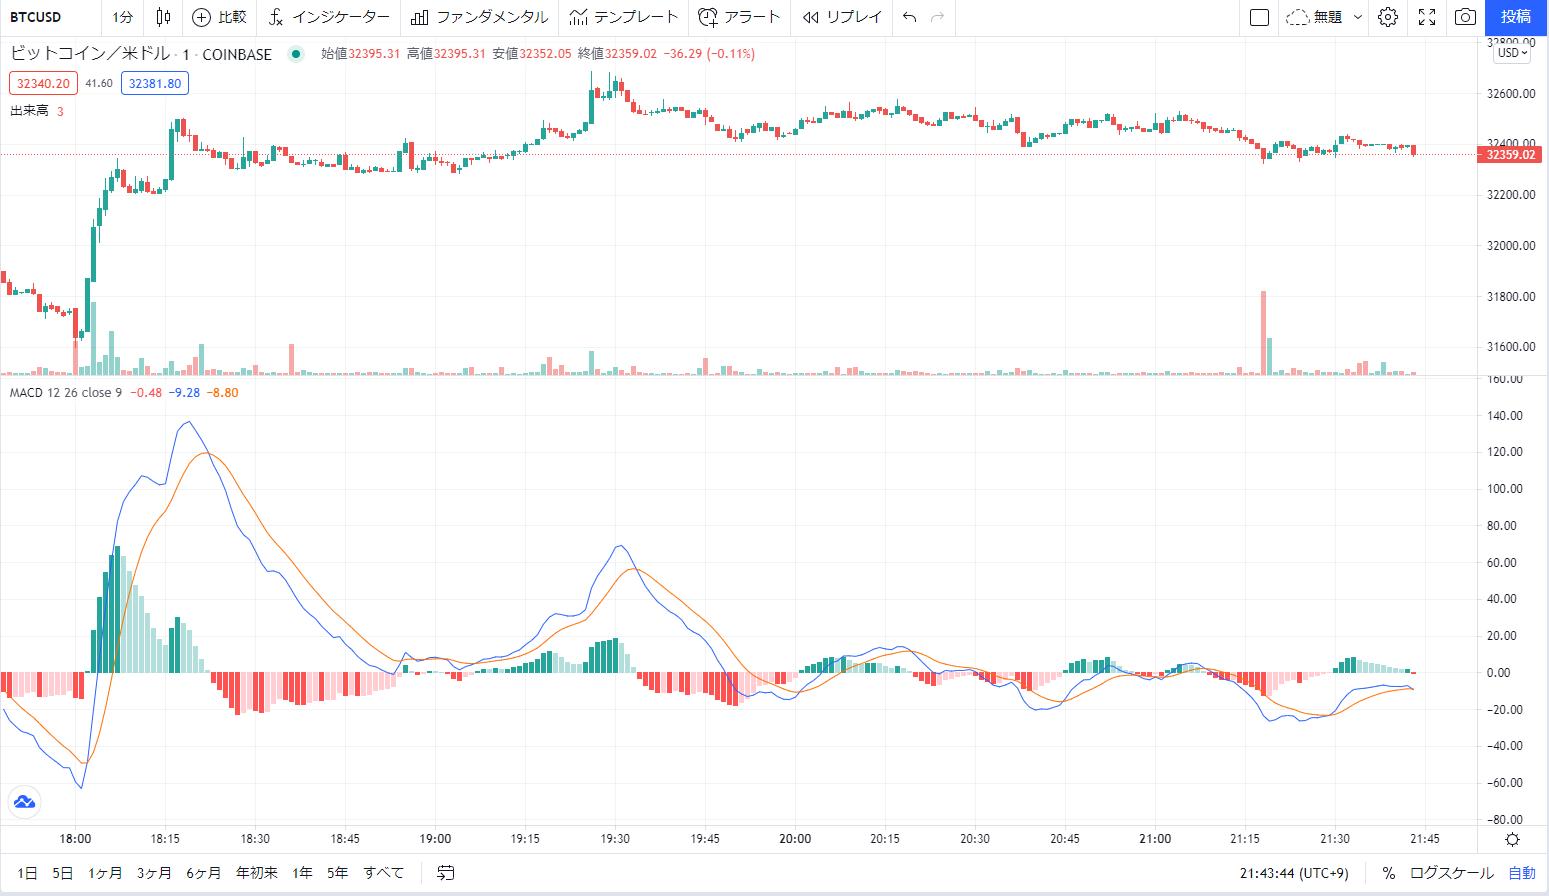 仮想通貨のオシレーター分析(MACD)